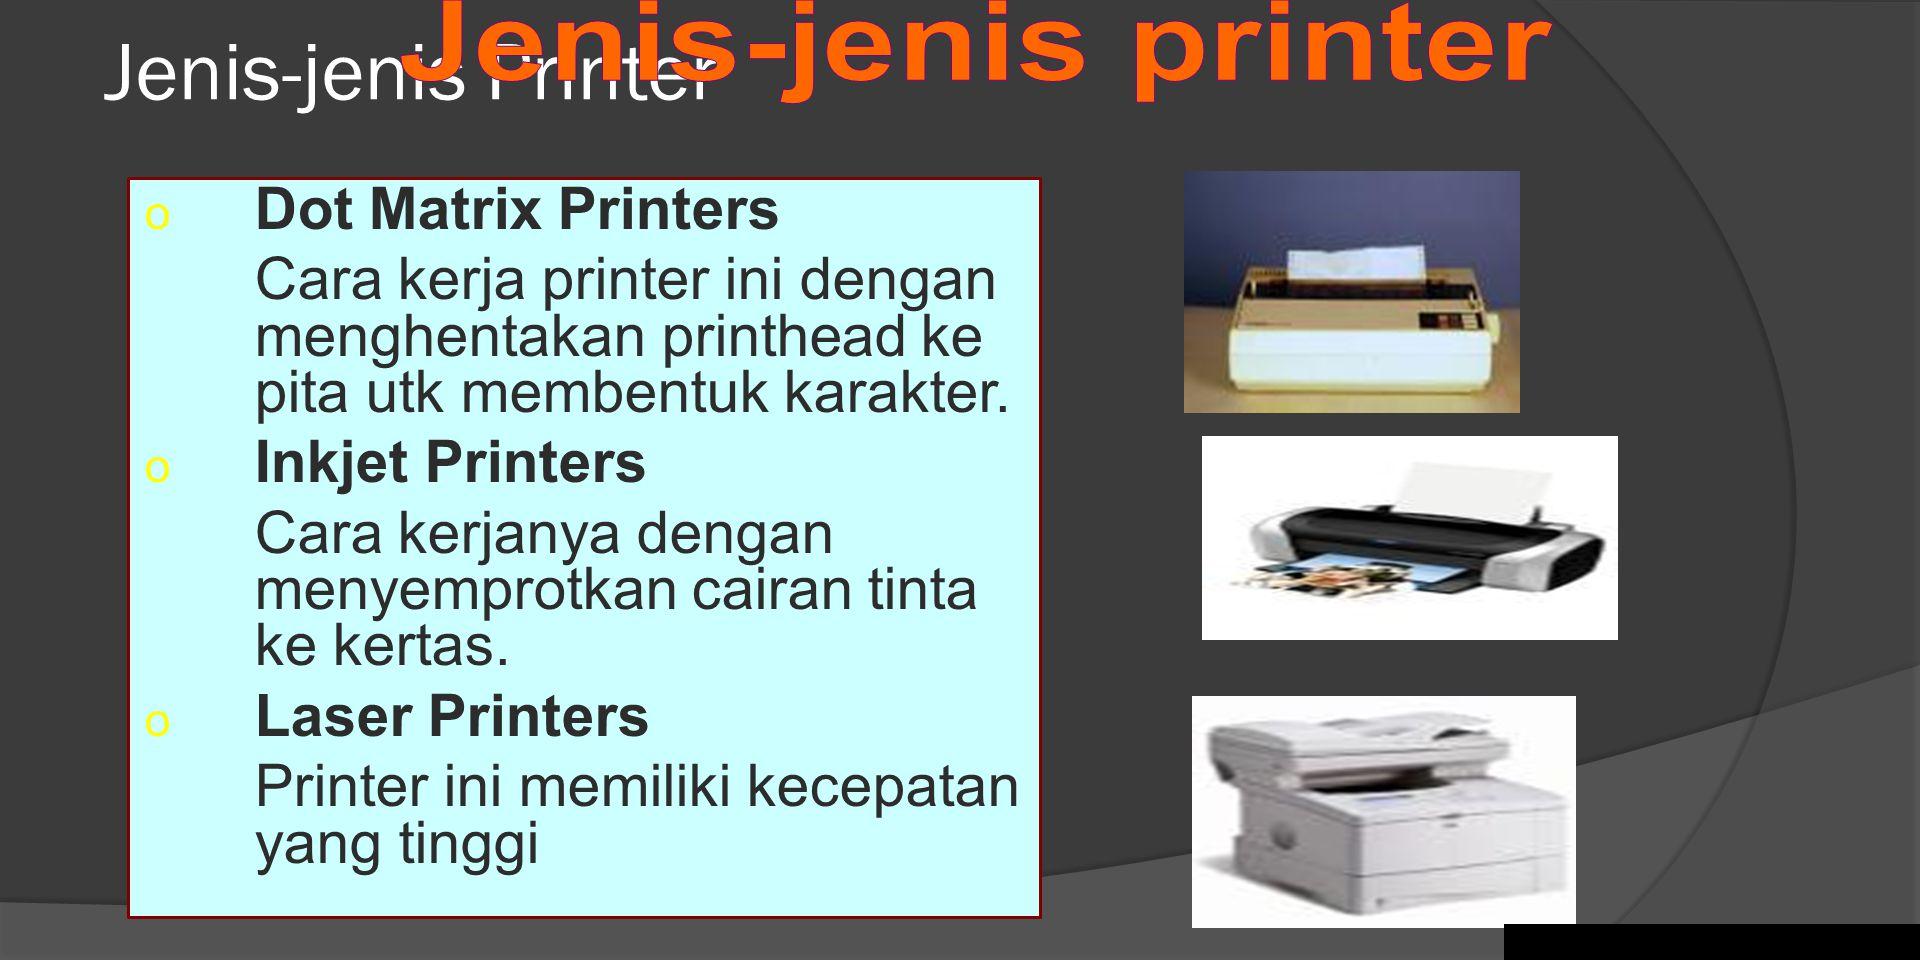 Jenis-jenis Printer o Dot Matrix Printers Cara kerja printer ini dengan menghentakan printhead ke pita utk membentuk karakter.